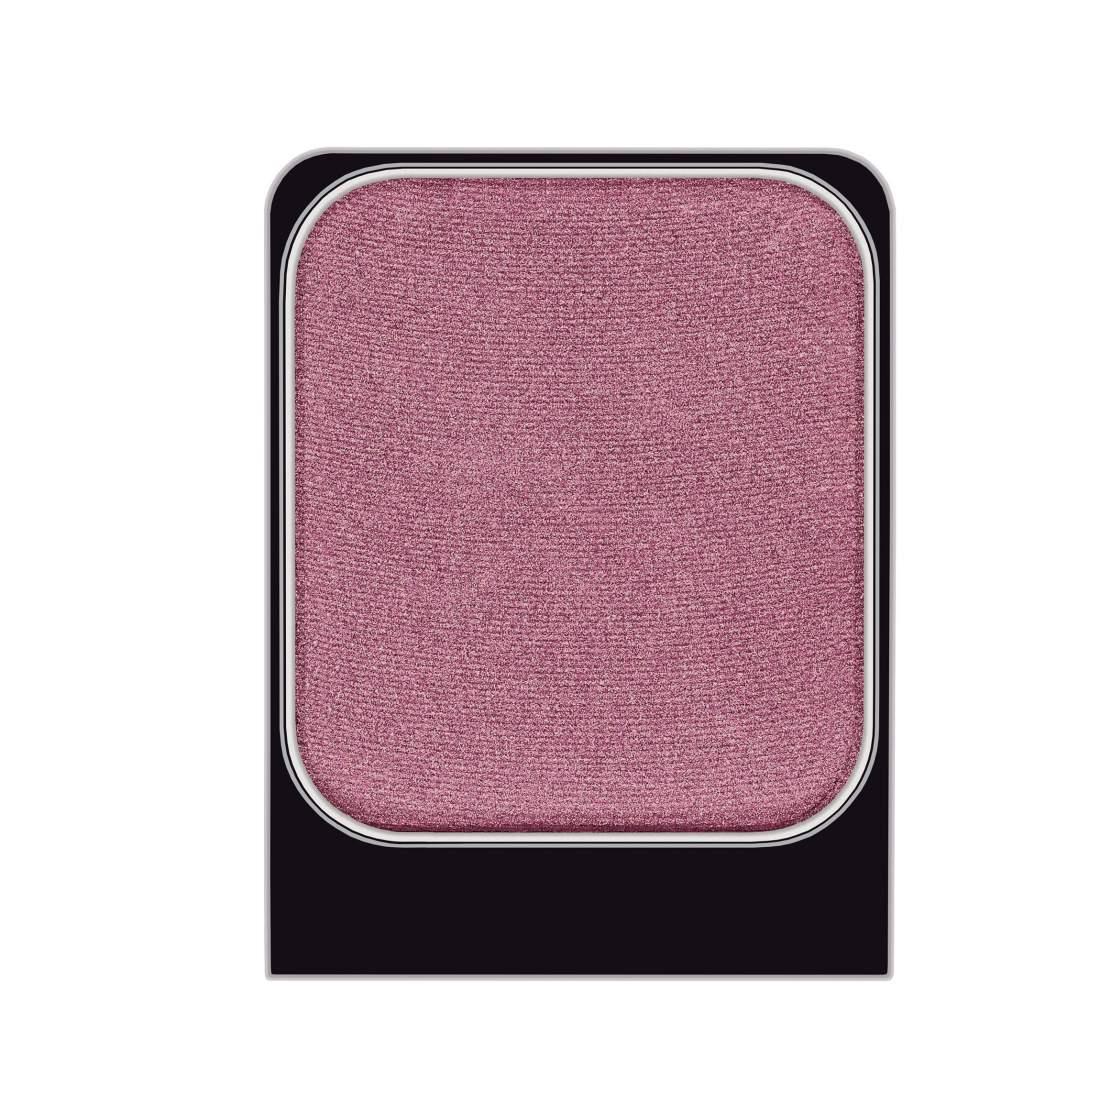 Selyemfényű szemhéjpúder Nr.58. - BEAUTY BOX-ba - Malu Wilz Eye Shadow